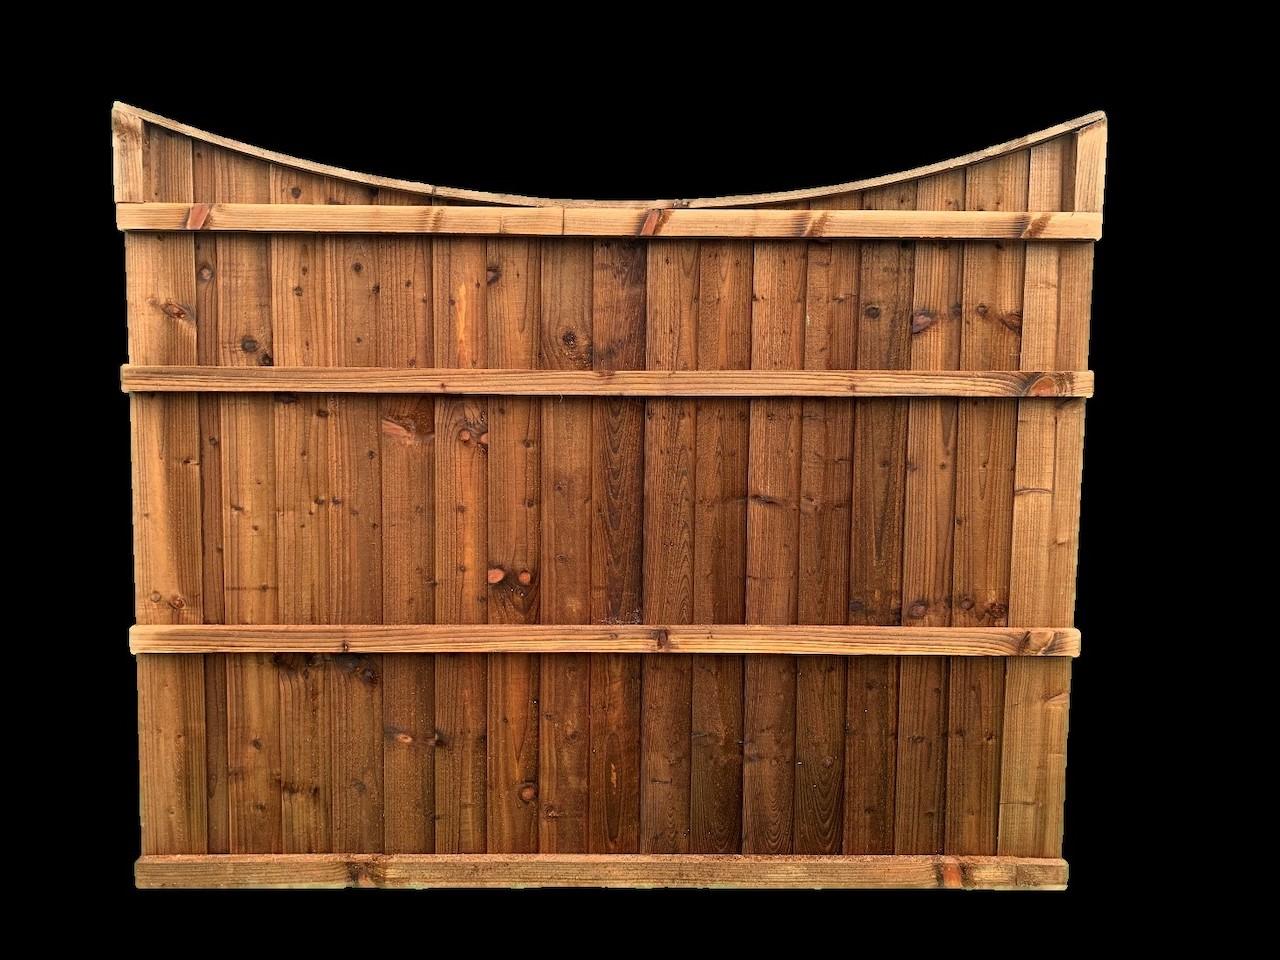 Wooden Garden Fencing in Abram